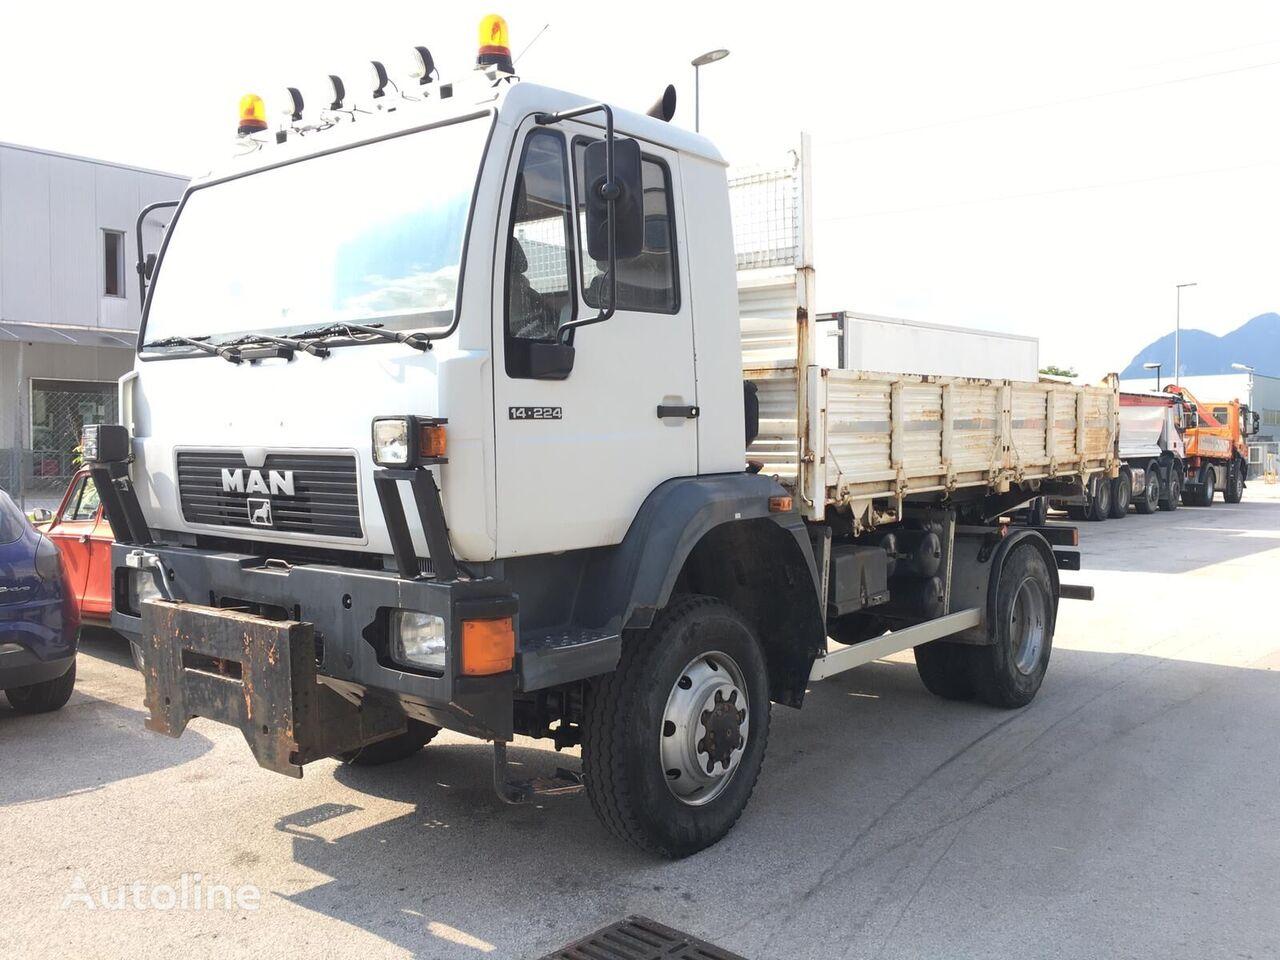 MAN 14.224 dump truck